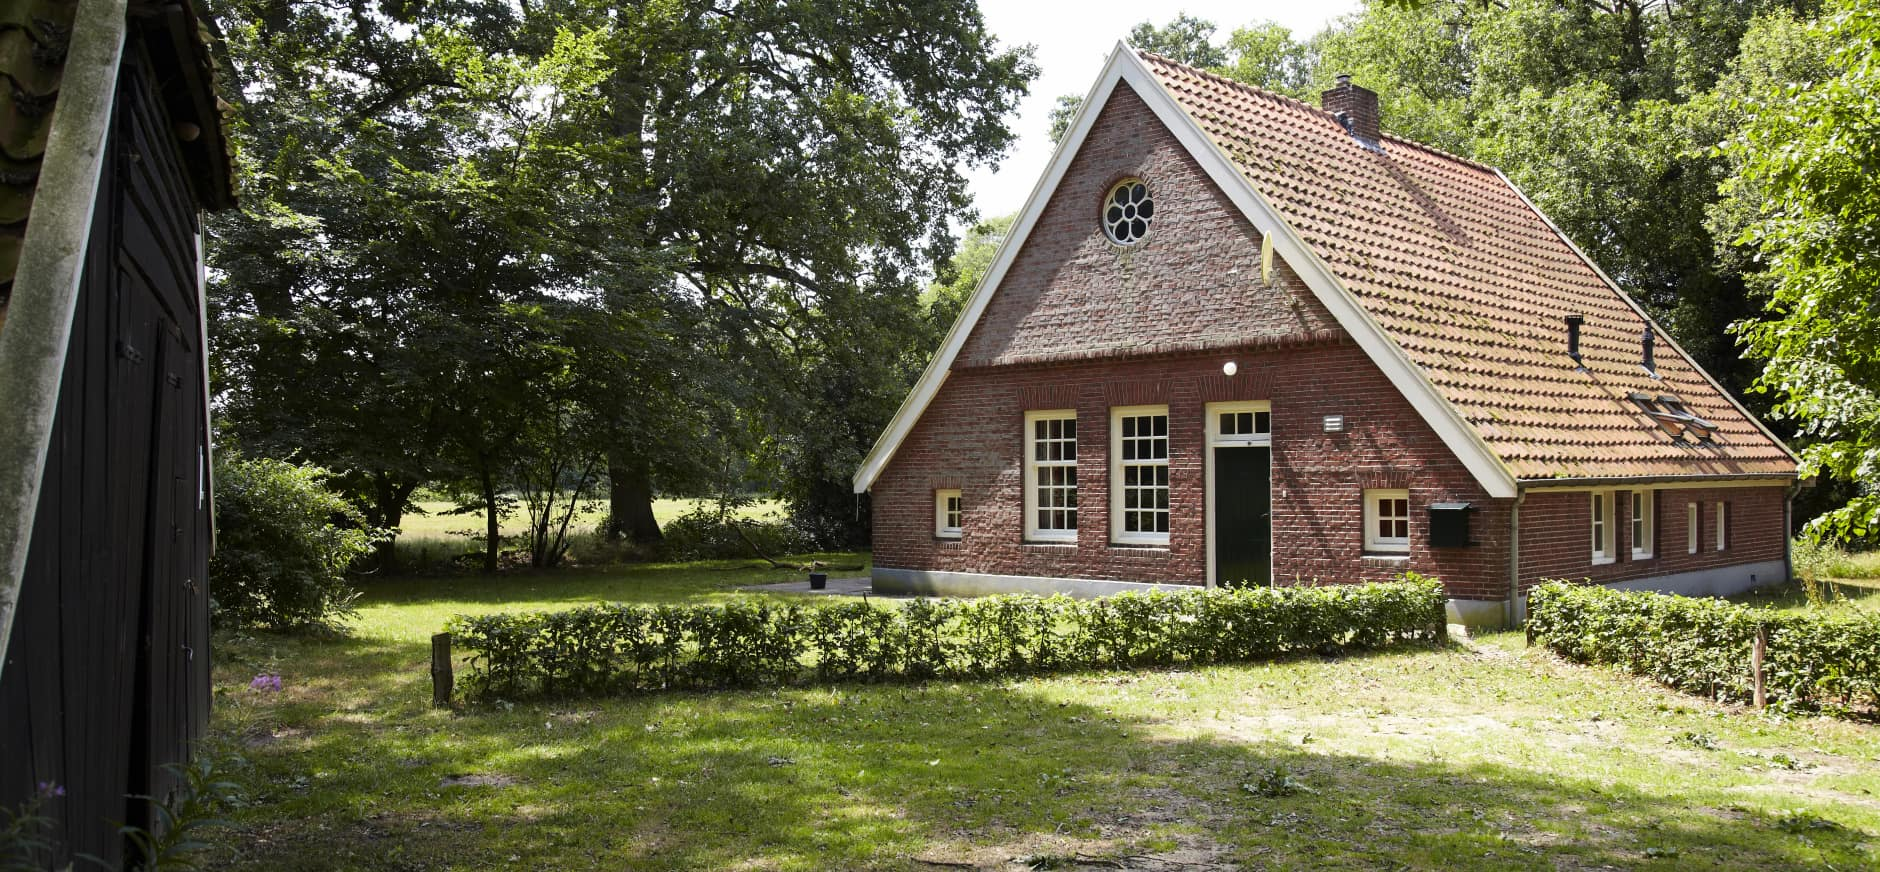 Vakantiehuis De Knoef in Buurserzand